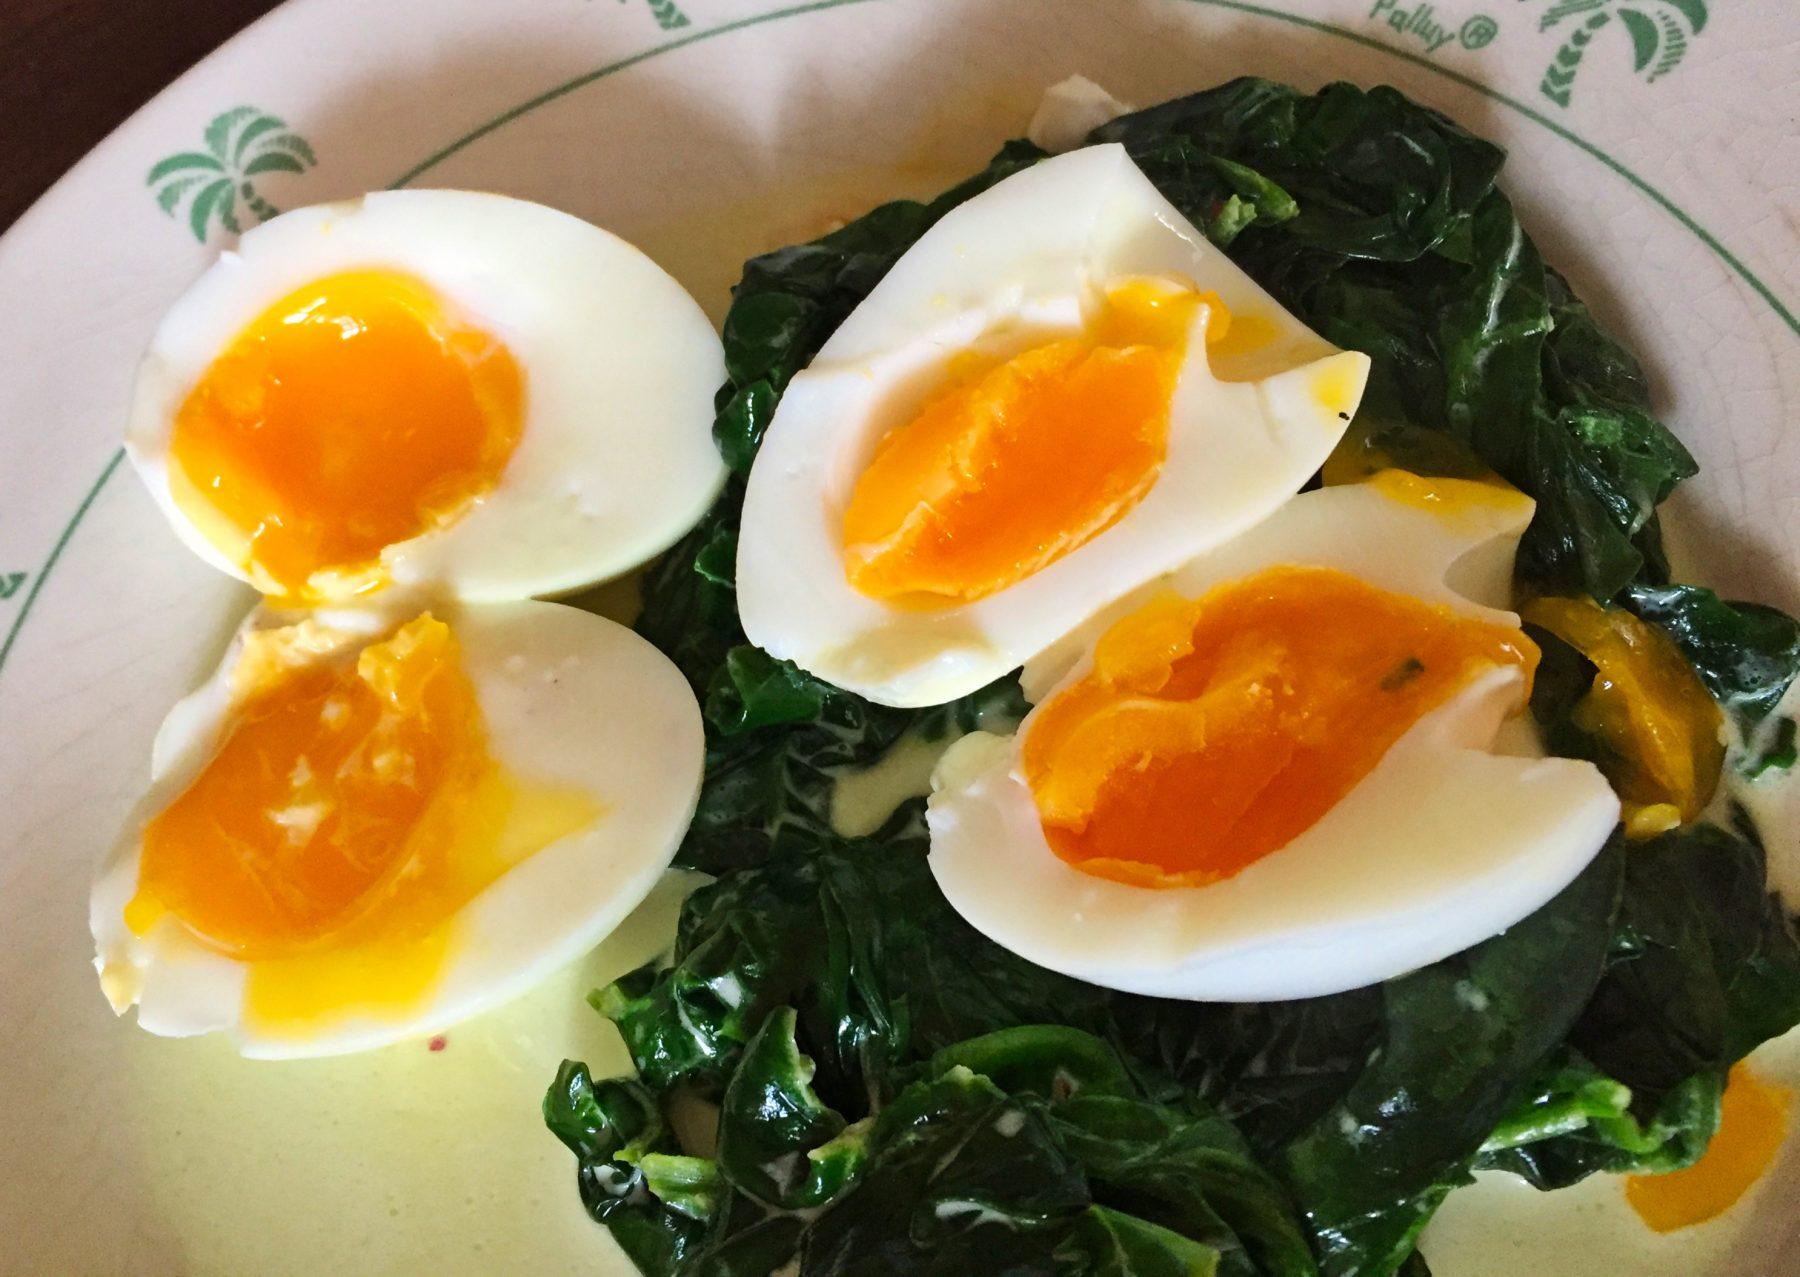 IMG 3123 - Épinards à la crème et oeufs mollets